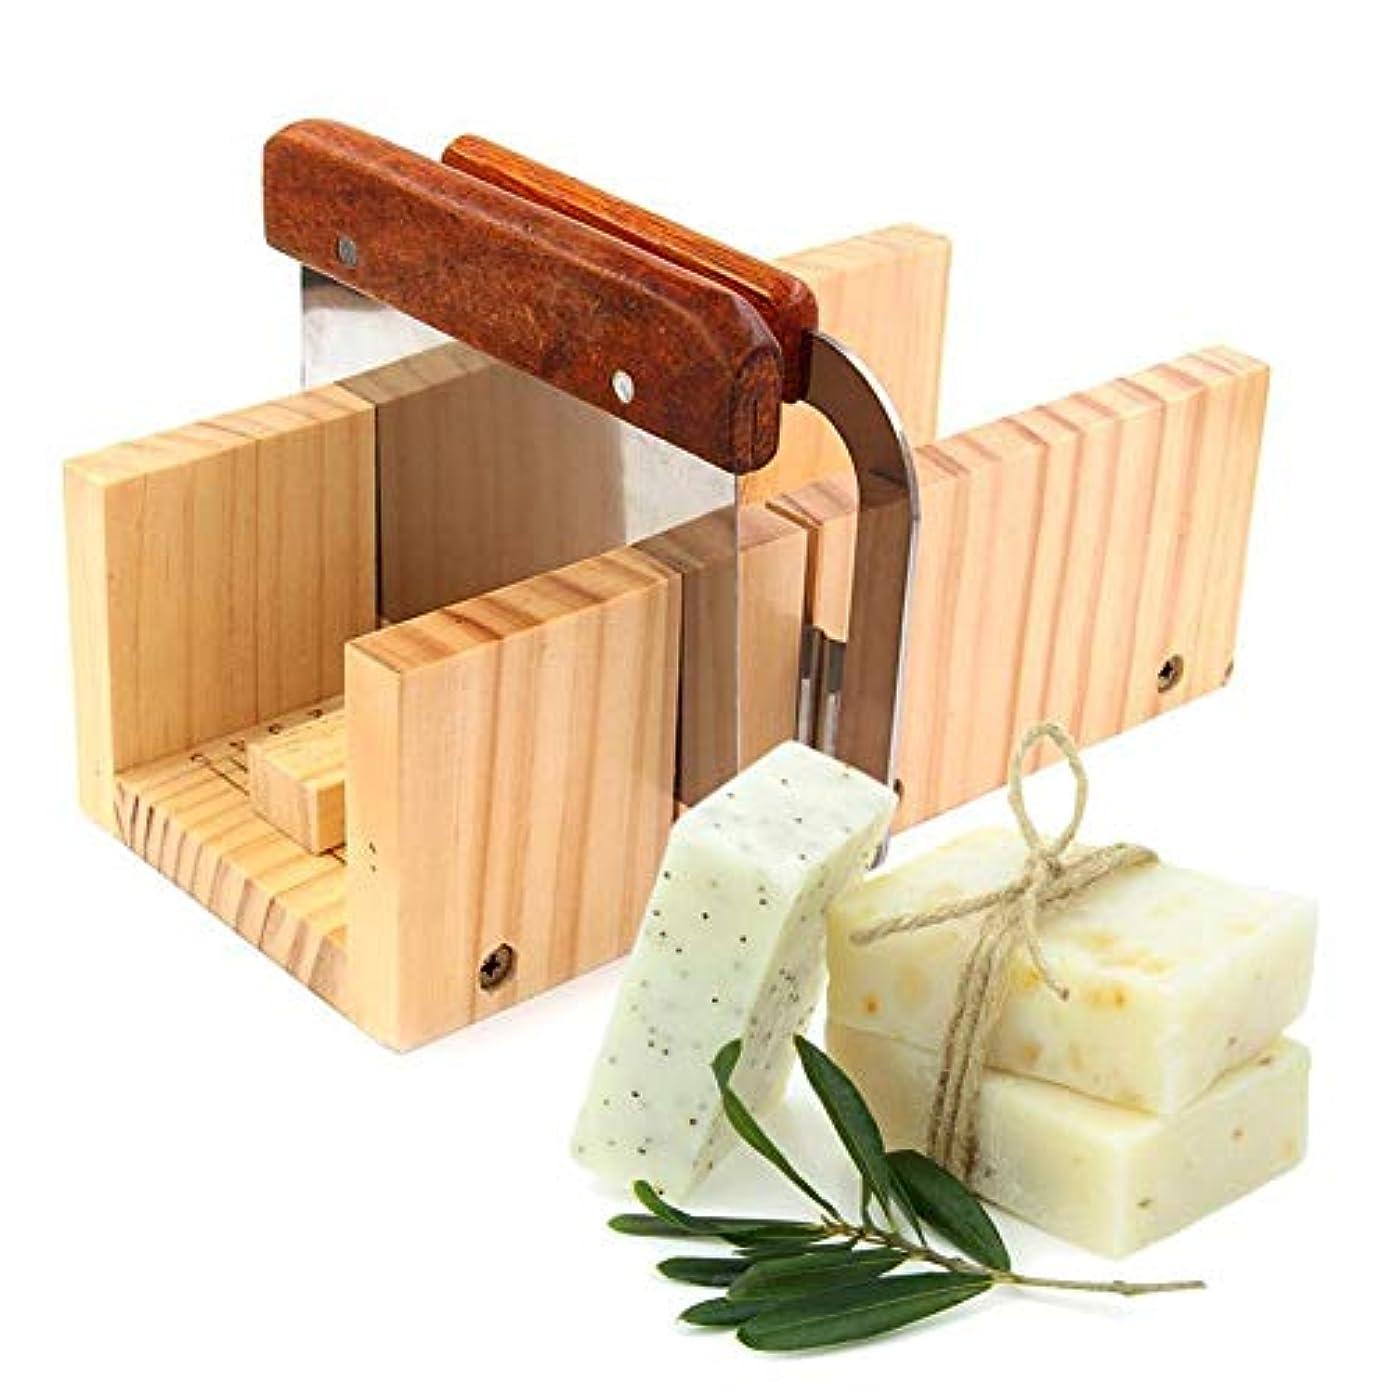 ズーム知り合いになる蜜Ragem ソープカッター 手作り石鹸金型 木製 ローフカッターボックス 調整可能 多機能ソープ切削工具 ストレートプレーニングツール